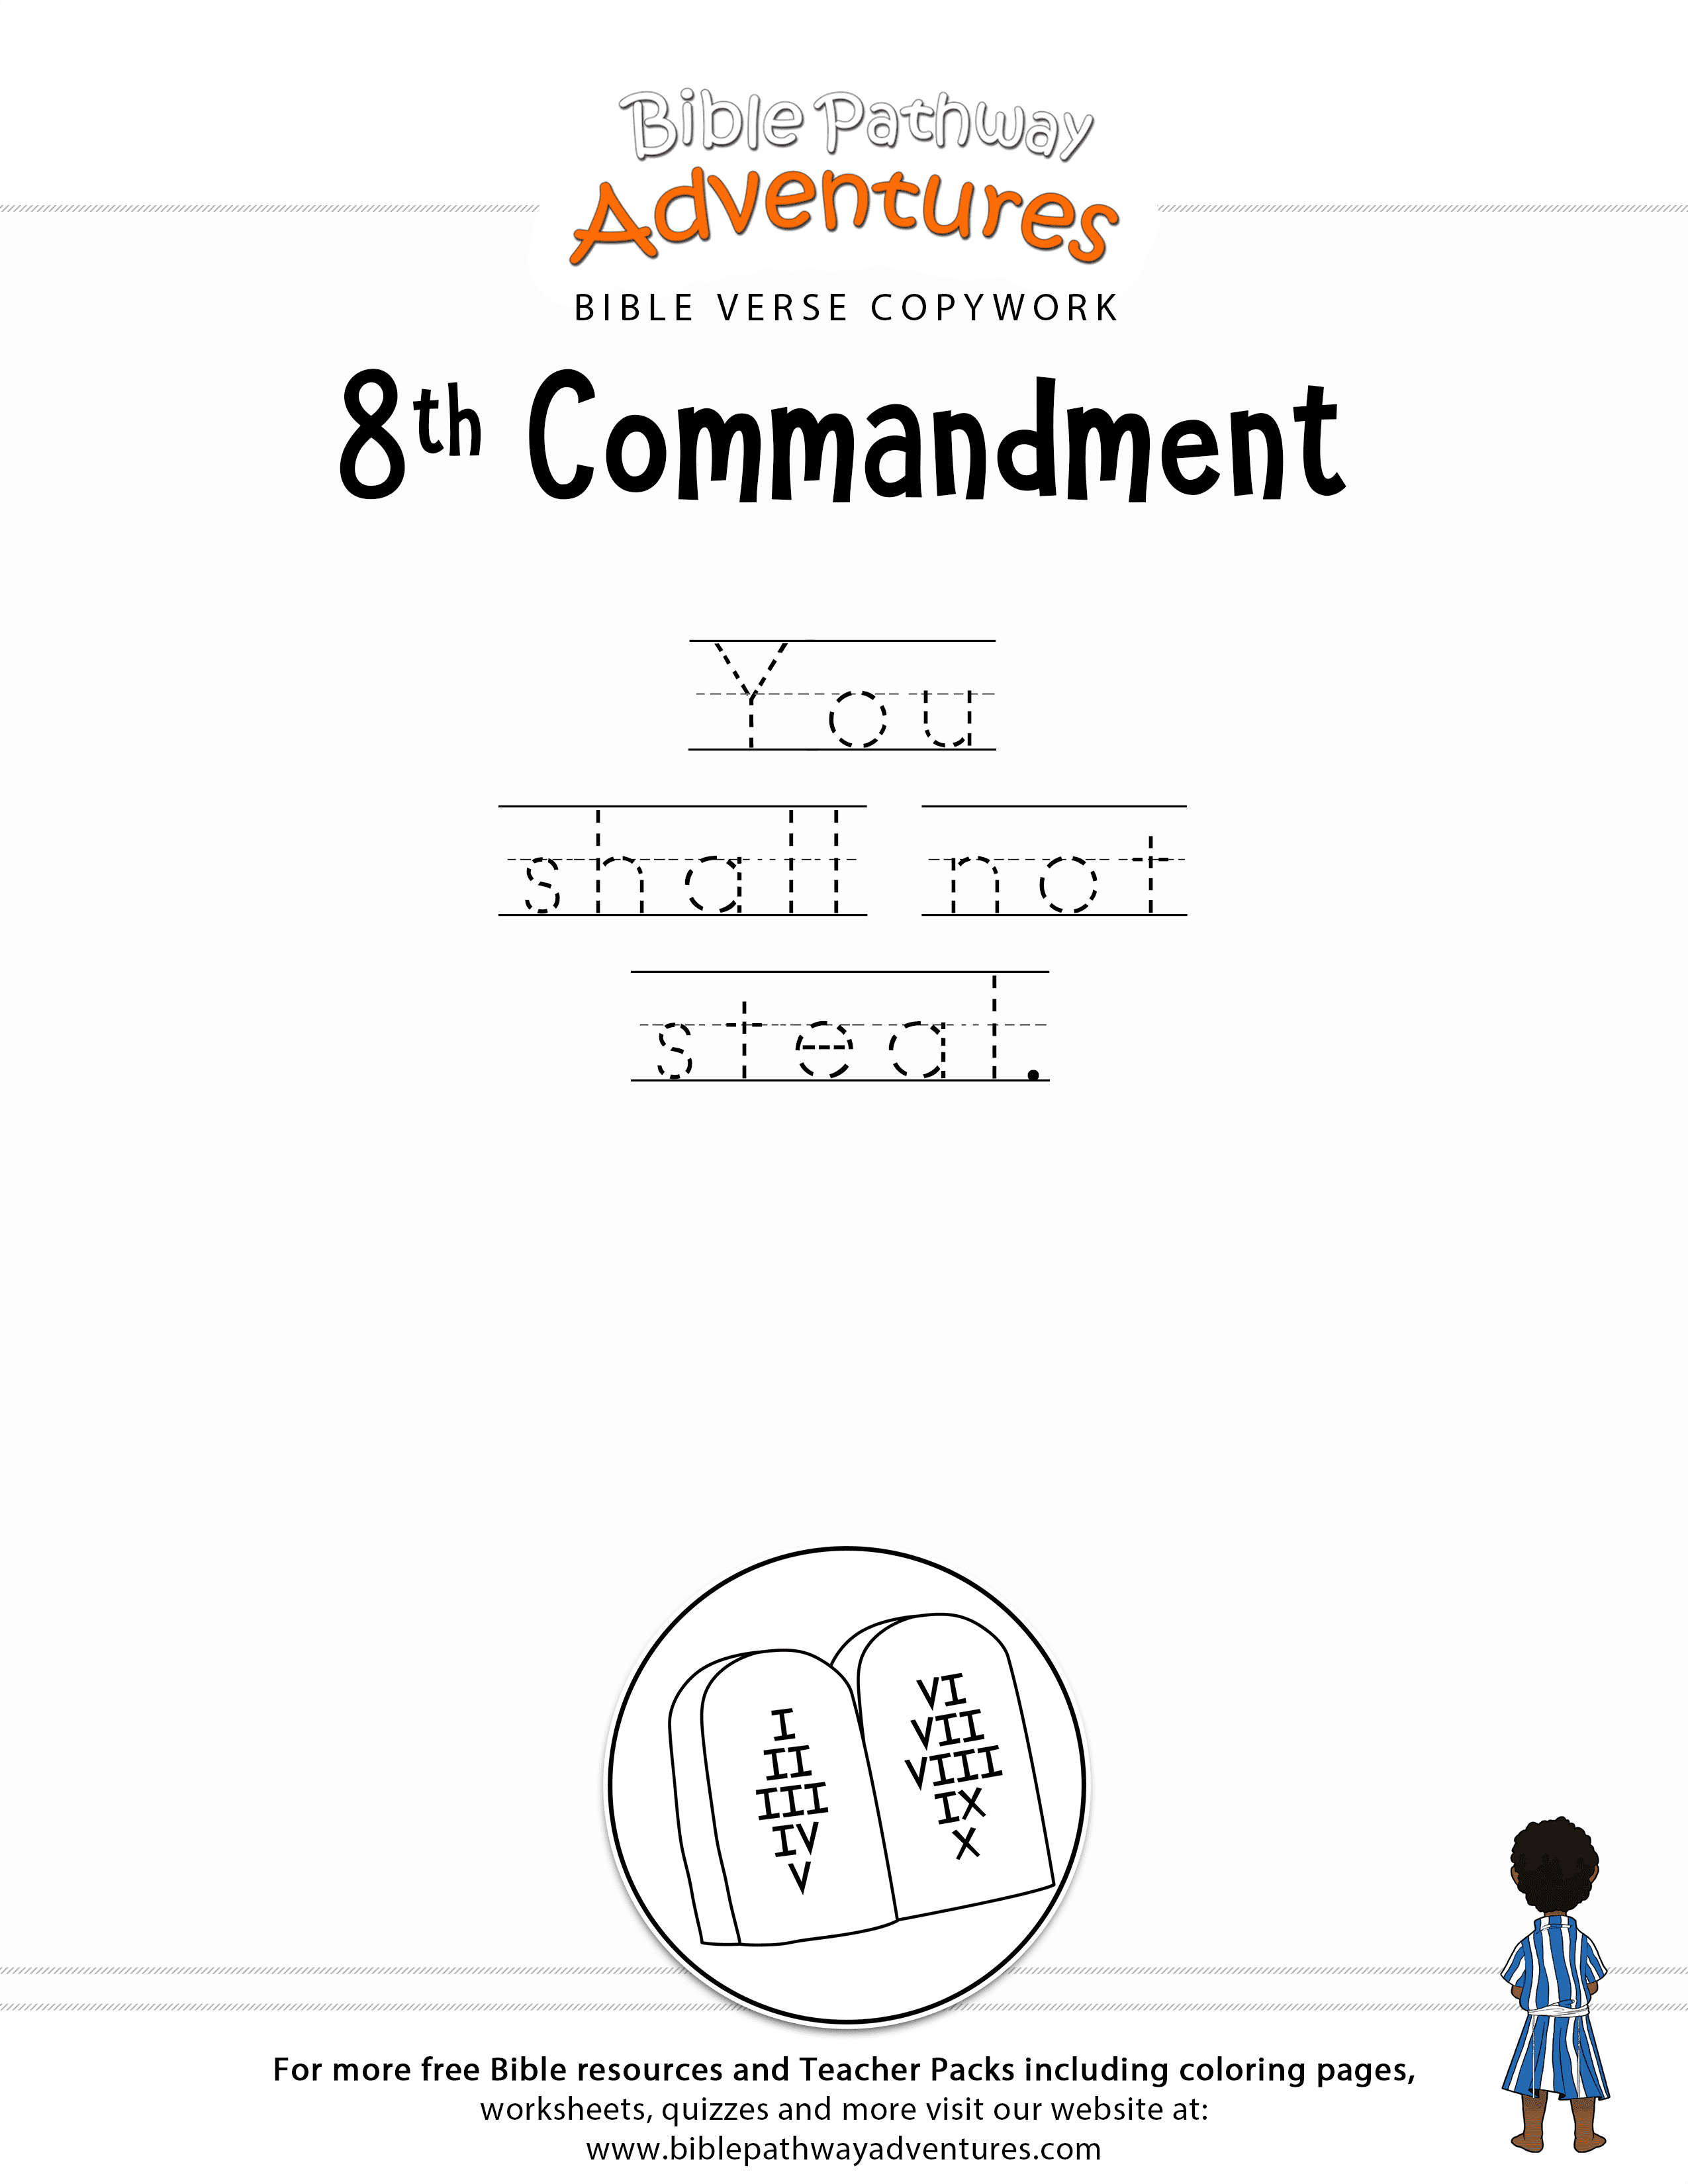 ten commandments copywork 8th commandment free download